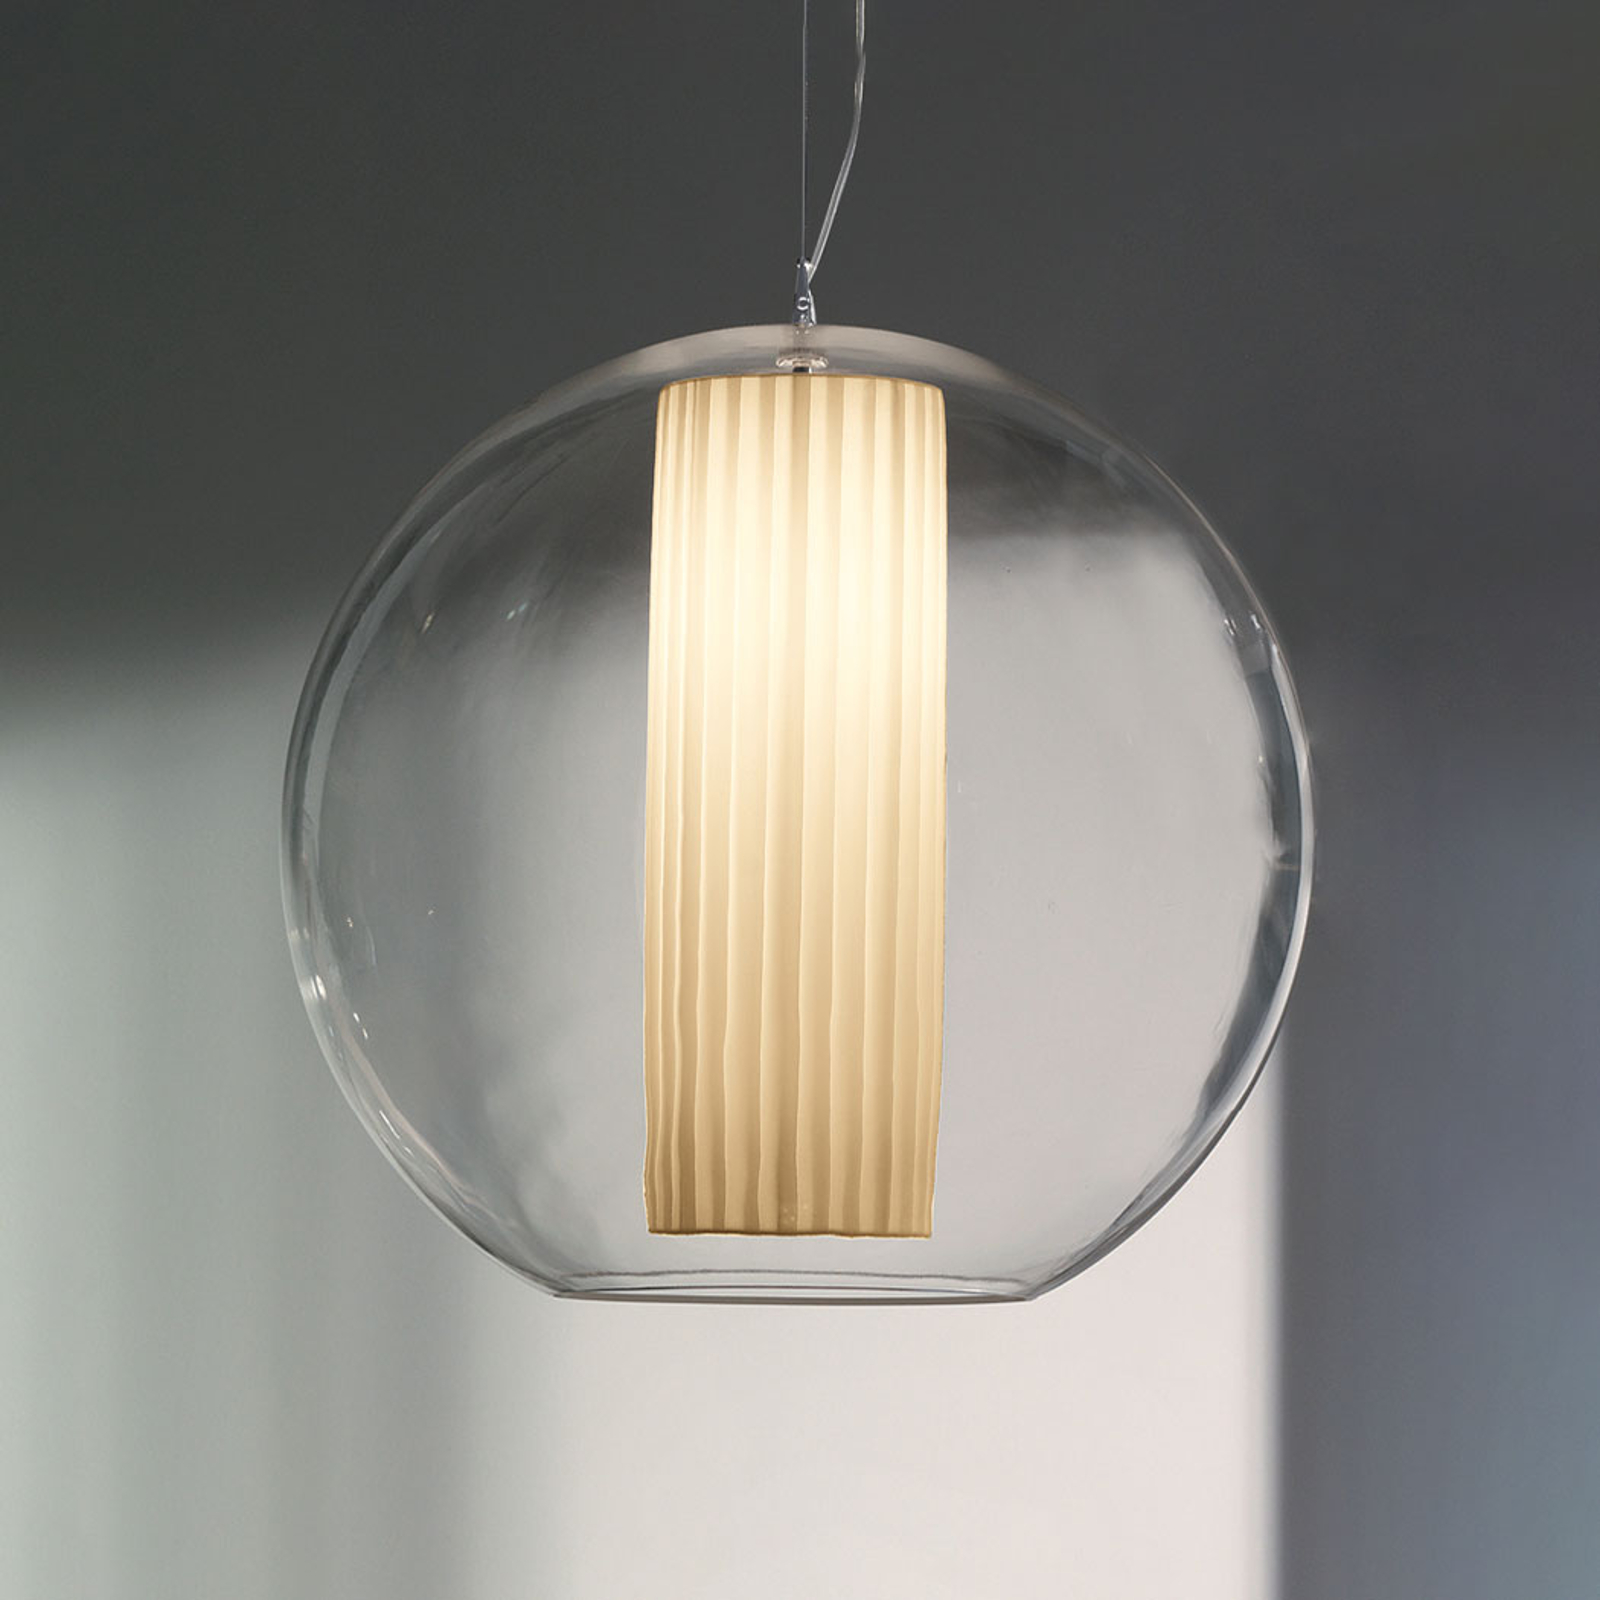 Modo Luce Bolla lampa wisząca tkanina biała Ø 50cm